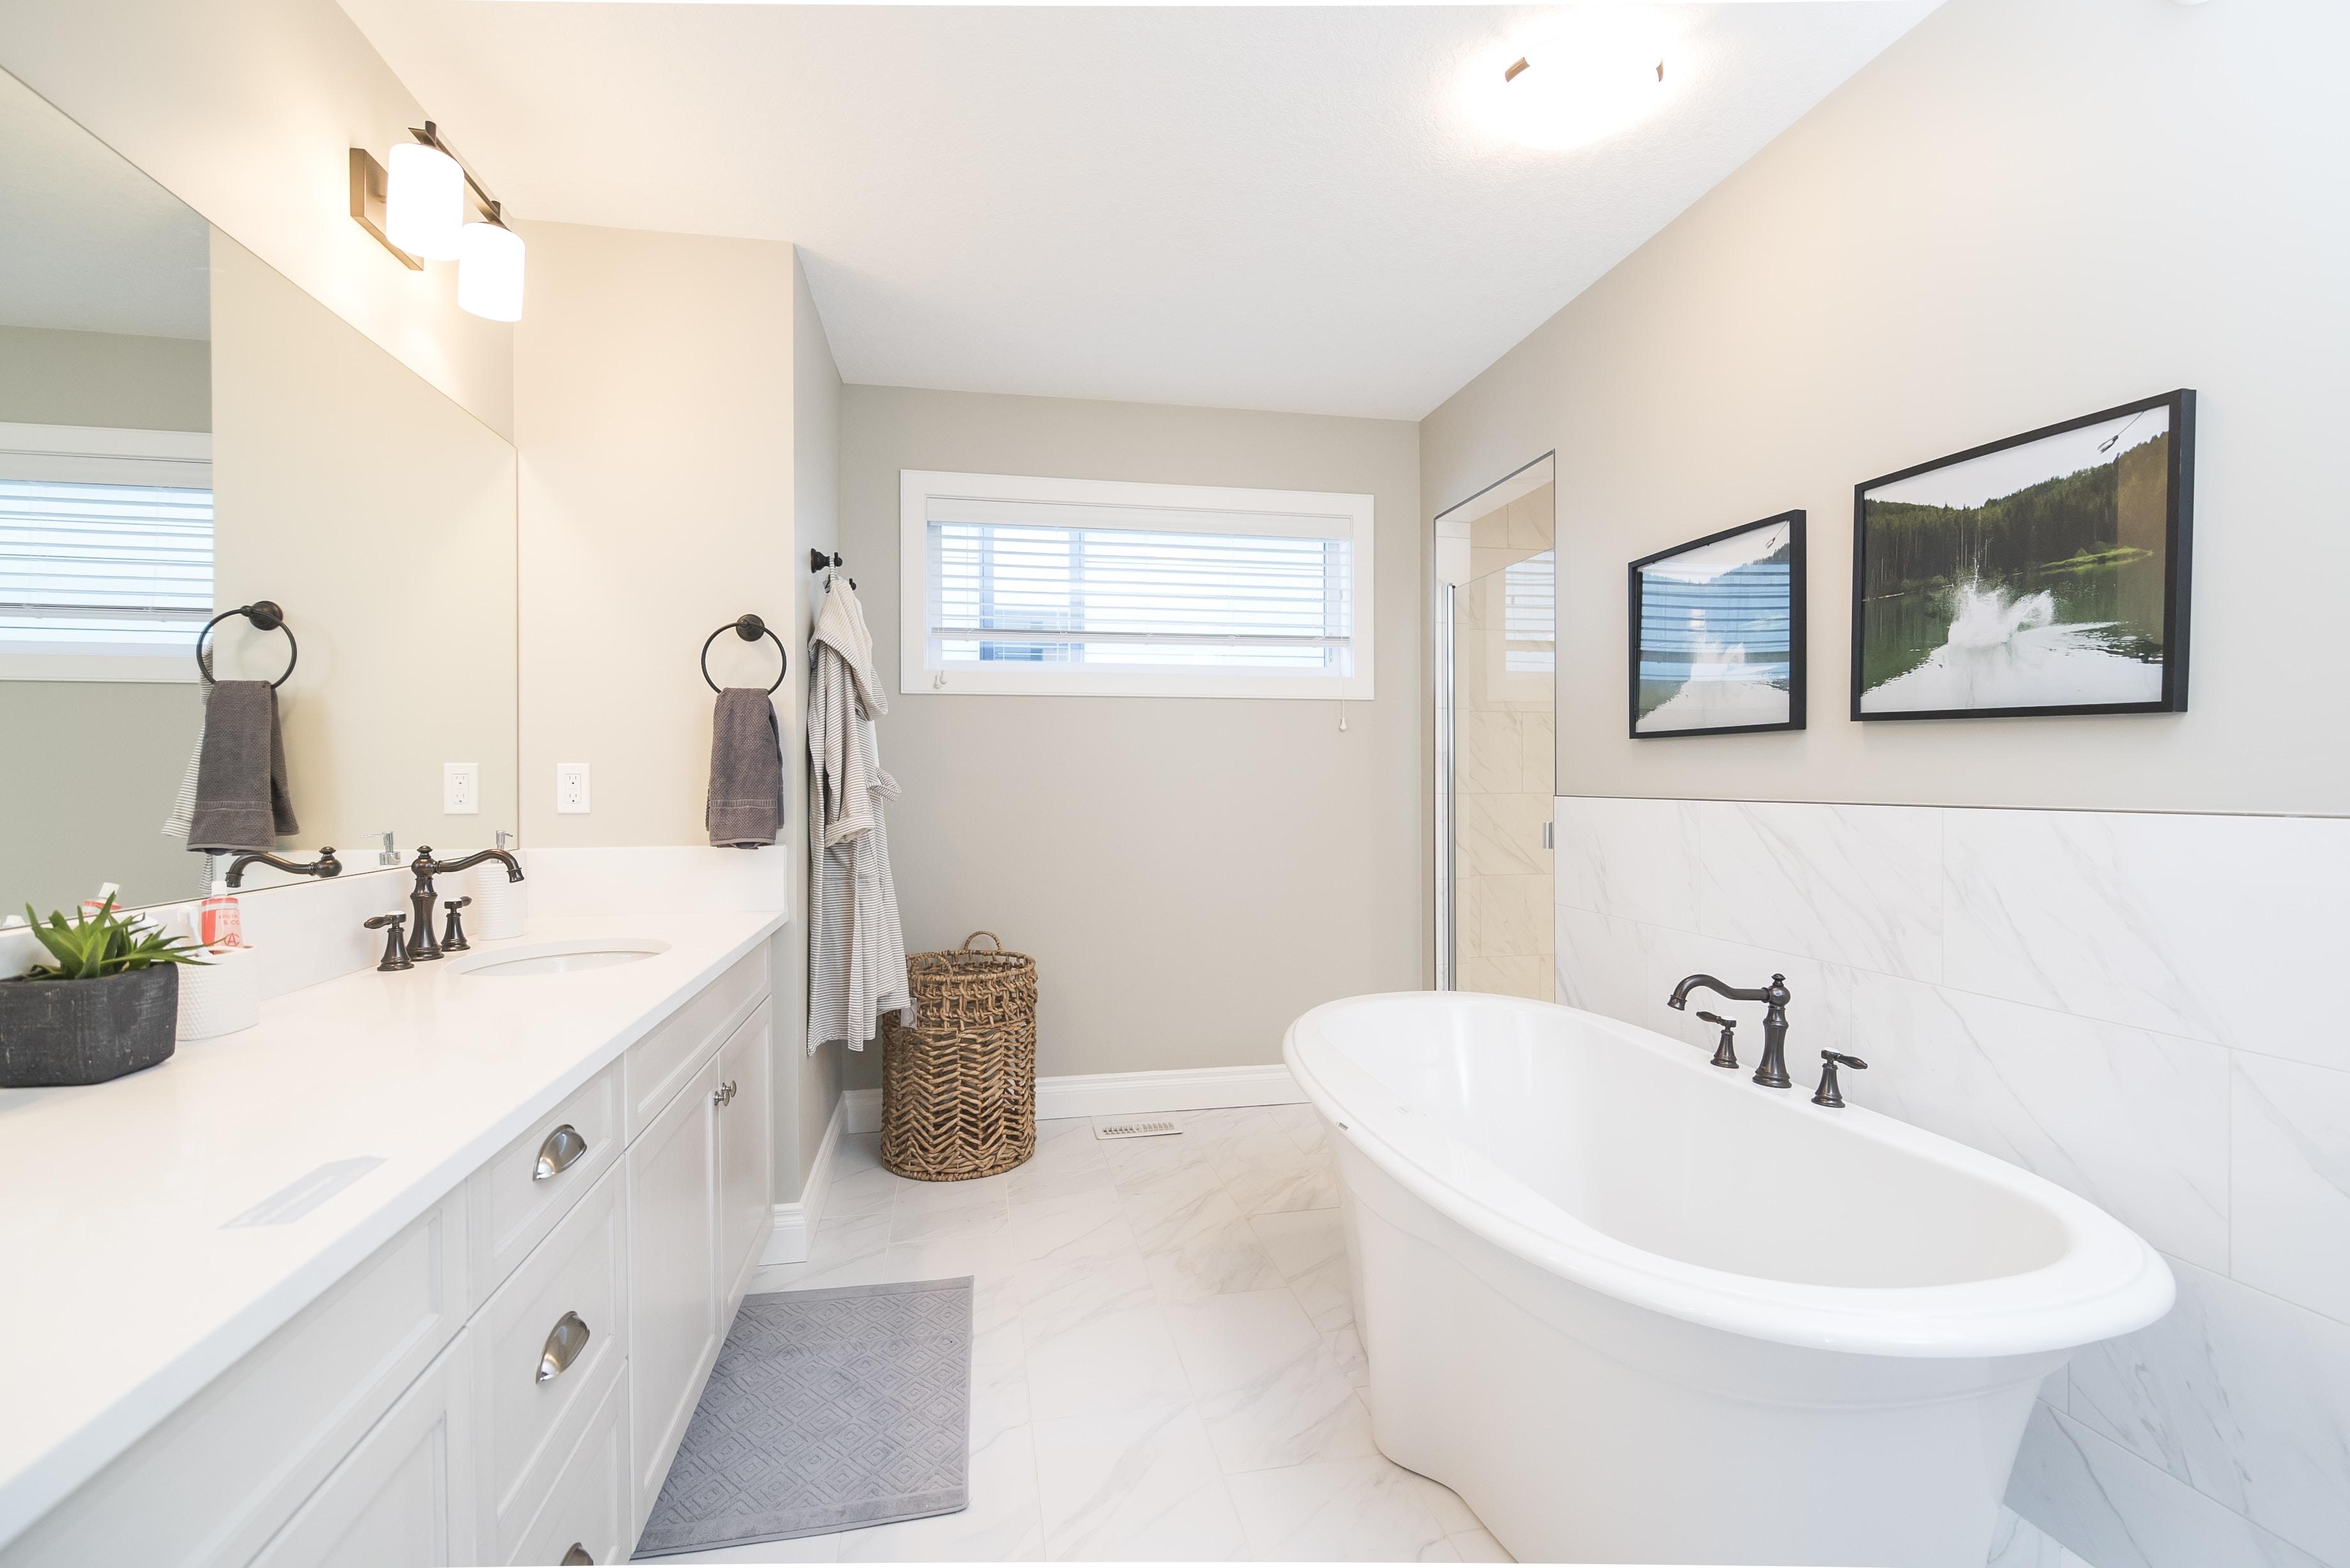 bathtub near sink inside room